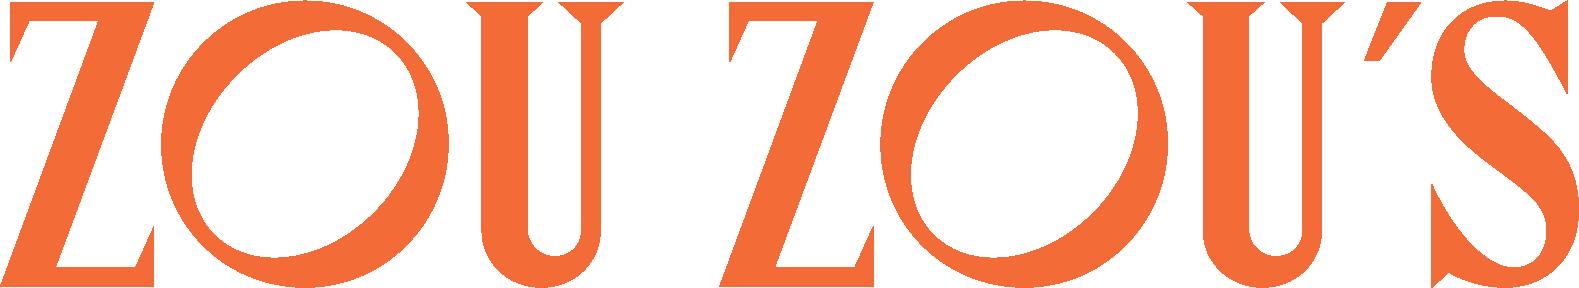 Zou Zou's Home